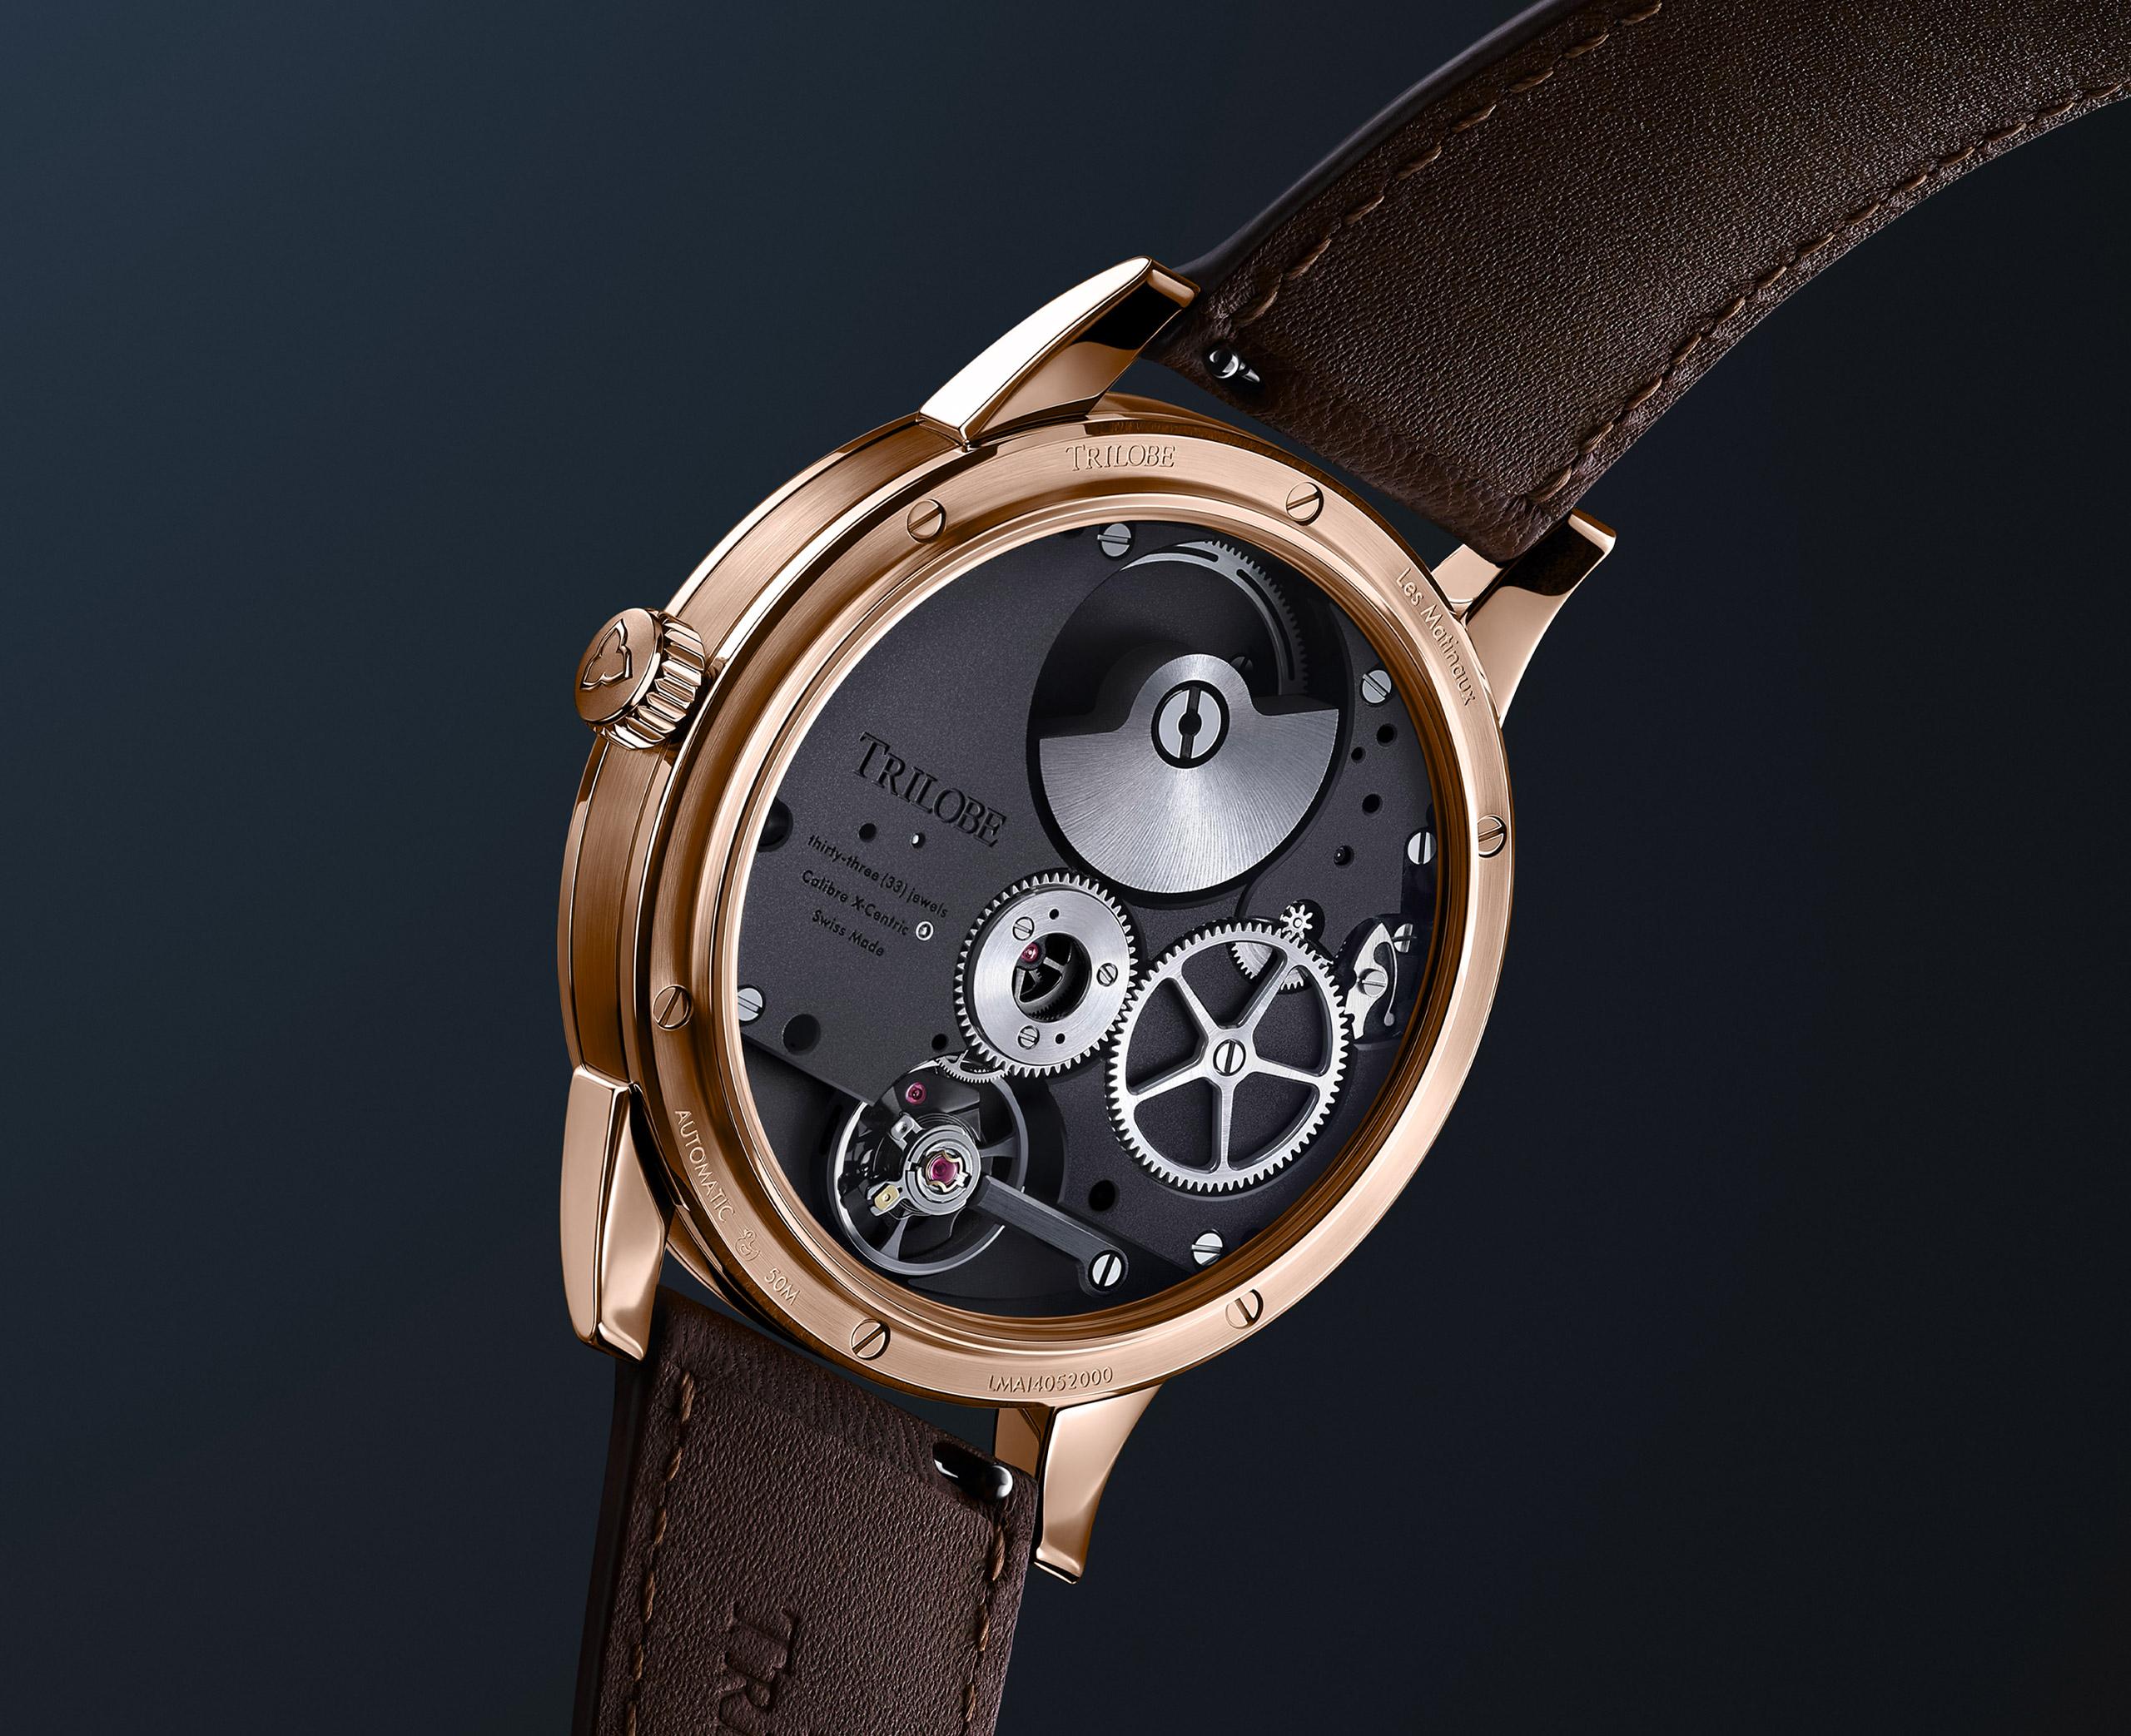 Montre automatique Trilobe de la Collection Les Matinaux avec un cadran Argent Soleillé et un boîtier en Or Rose